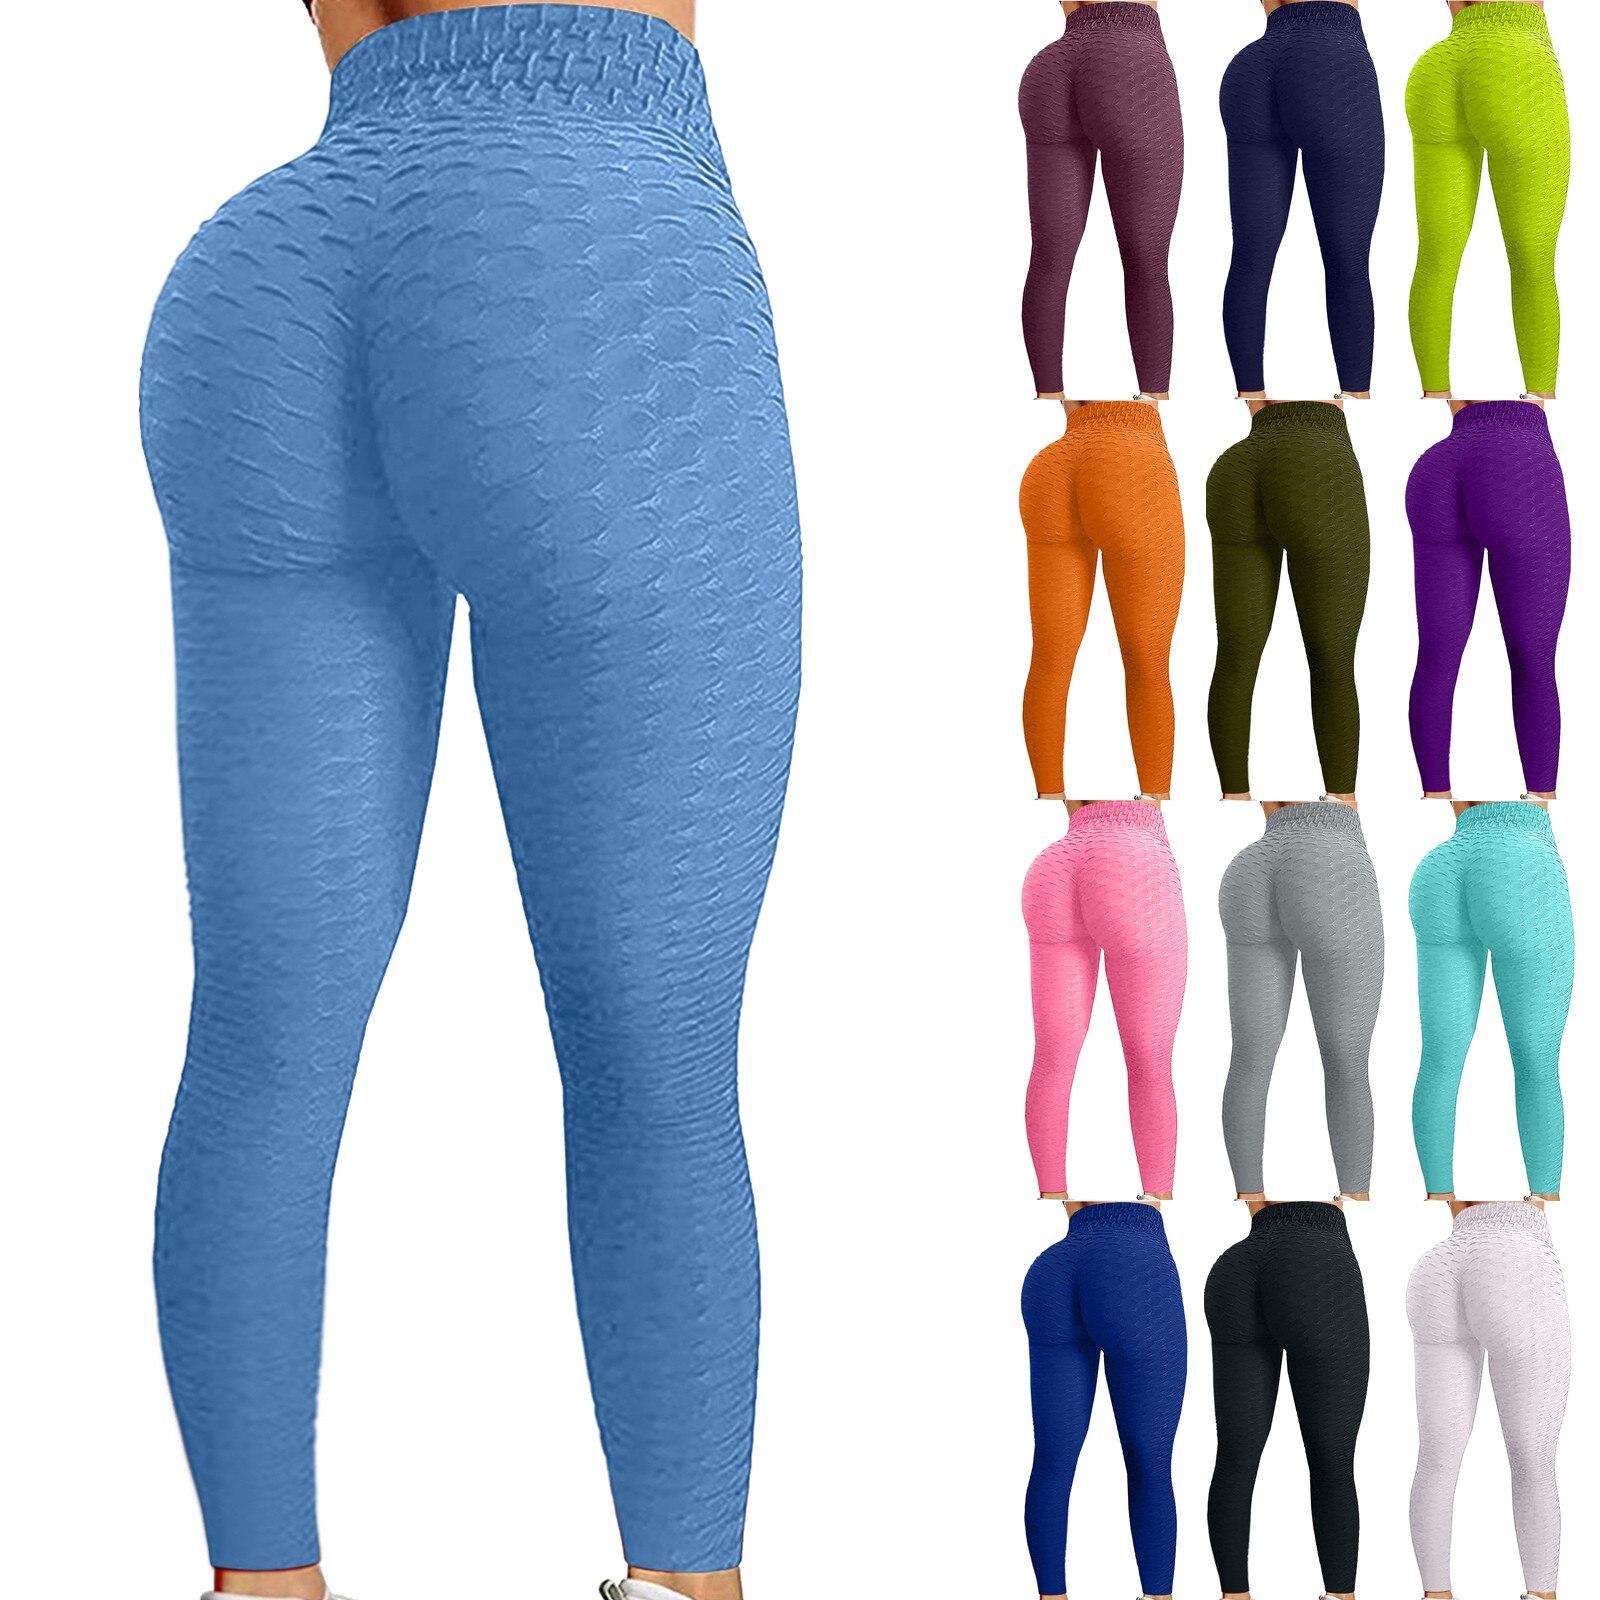 Женские антицеллюлитные штаны для йоги 2021, белые спортивные леггинсы, колготки Пуш-ап, тренировочные штаны с высокой талией для фитнеса и бе...